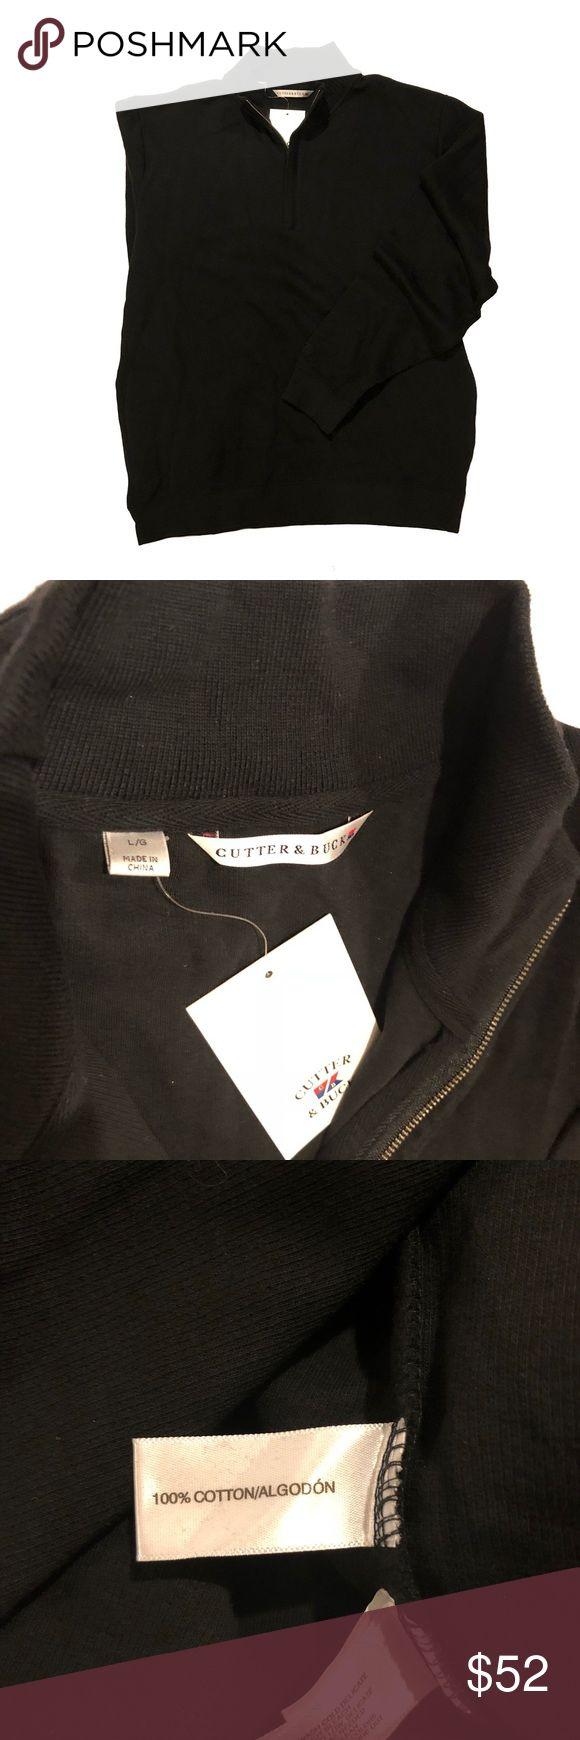 Cutter & Buck Broadview Half Zip Sweater Mock neck, half zip, 100% cotton Cutter & Buck Sweaters